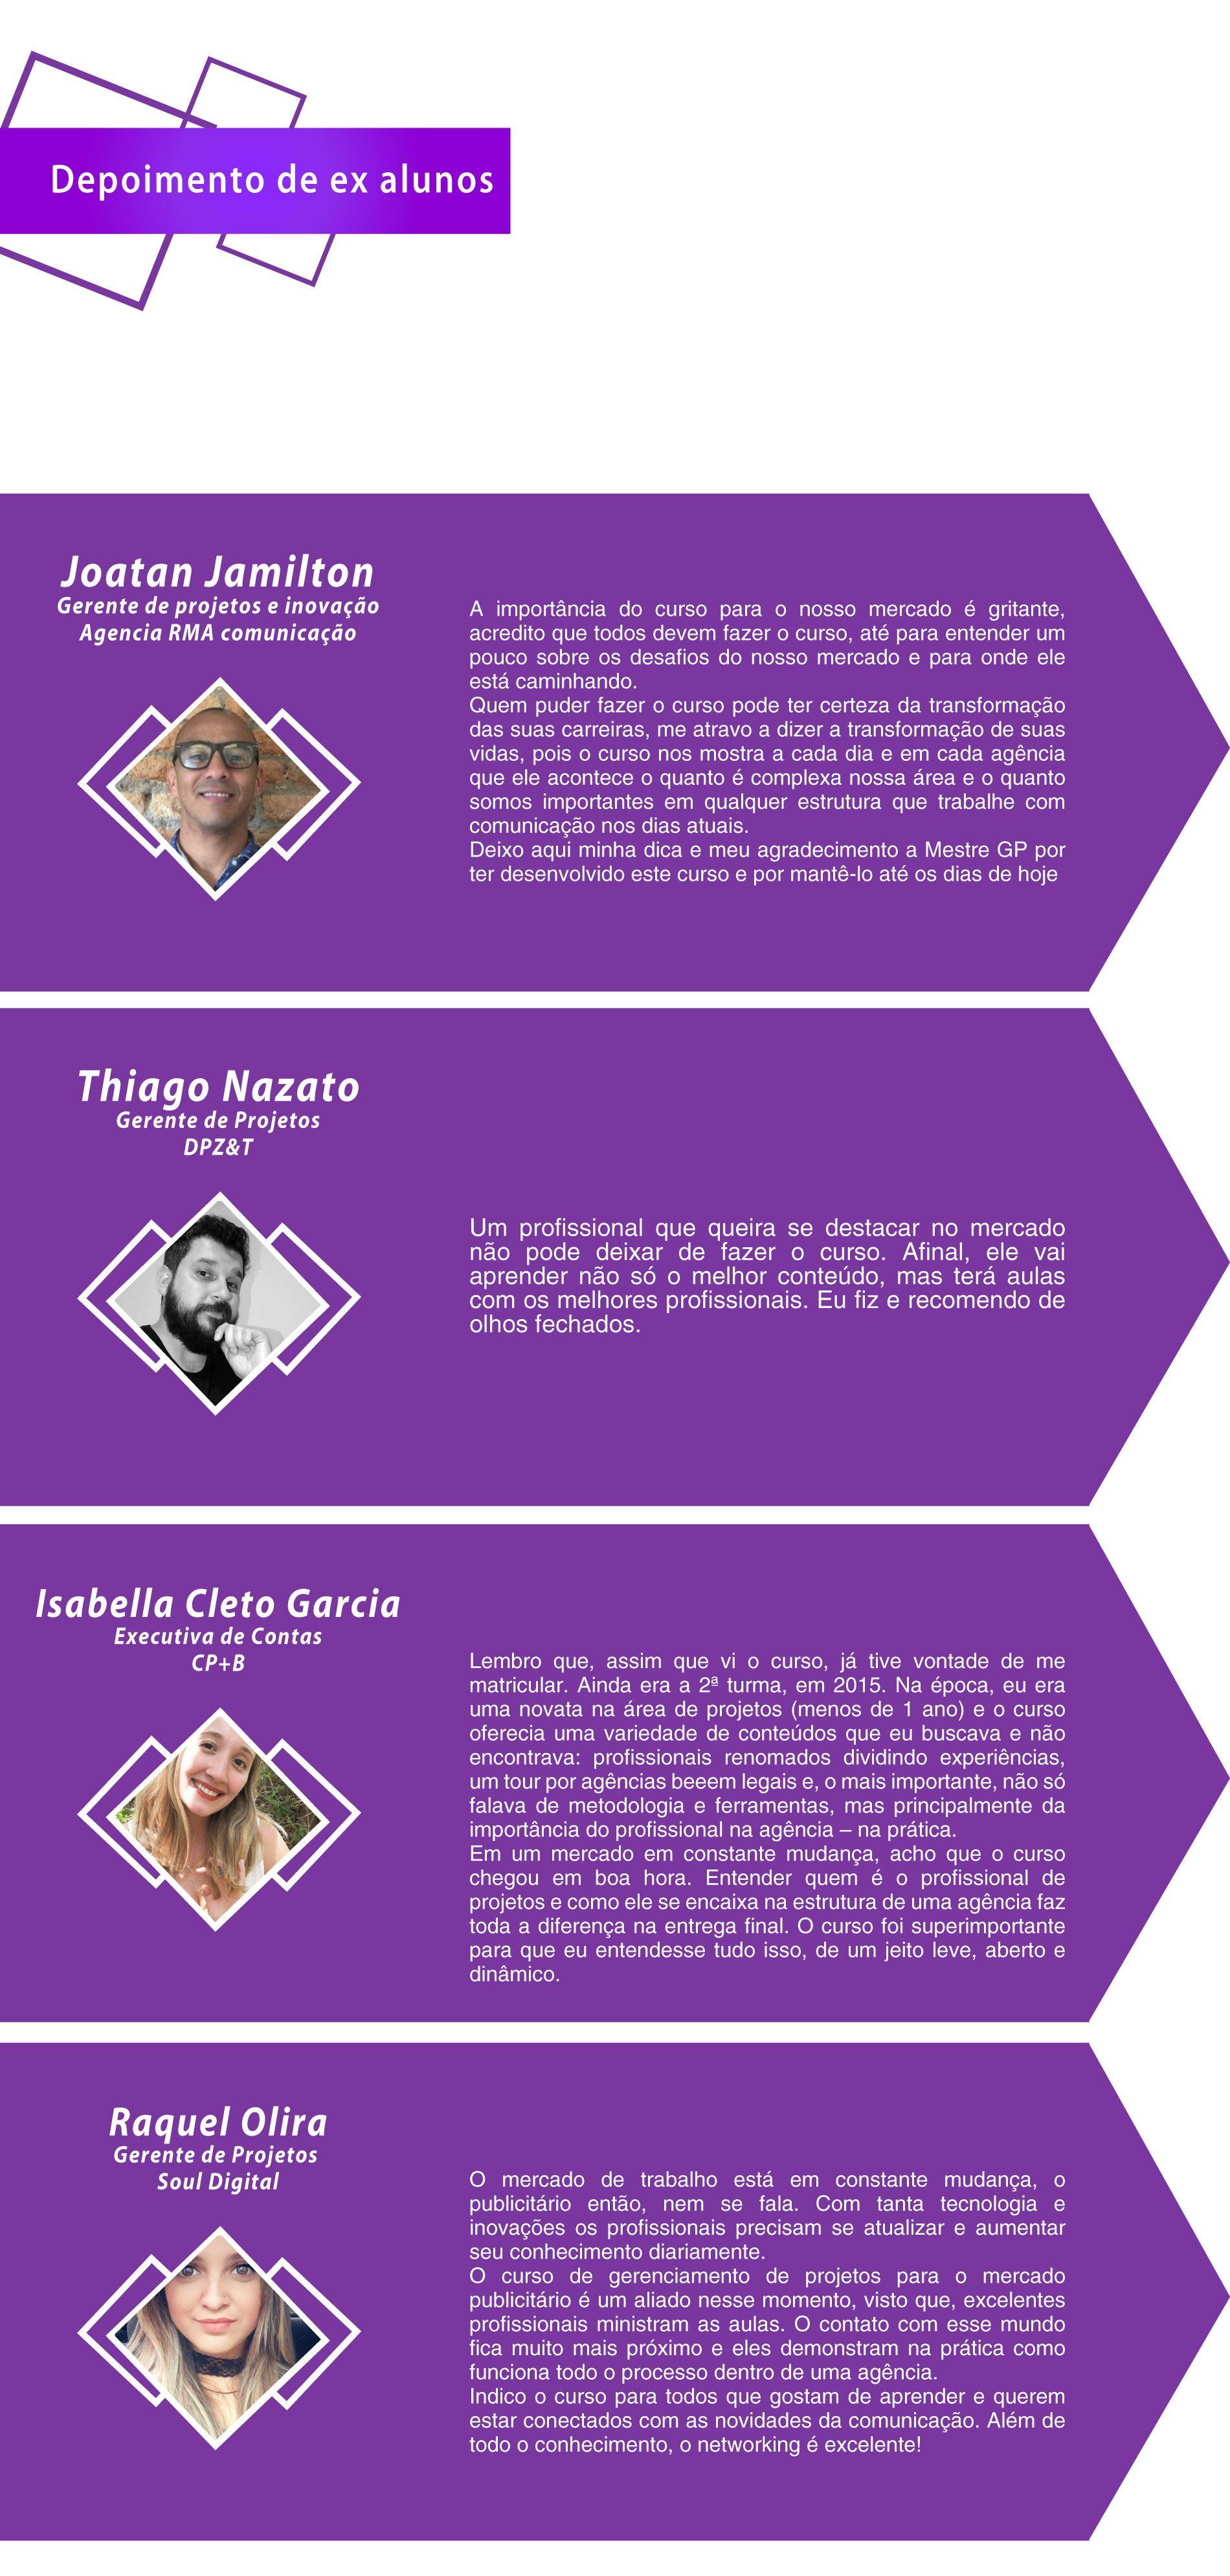 https://www.mestregp.com.br/wp-content/uploads/2016/10/Pagina-Curso-Cultura-pt4-1-3-1900x3978.jpg